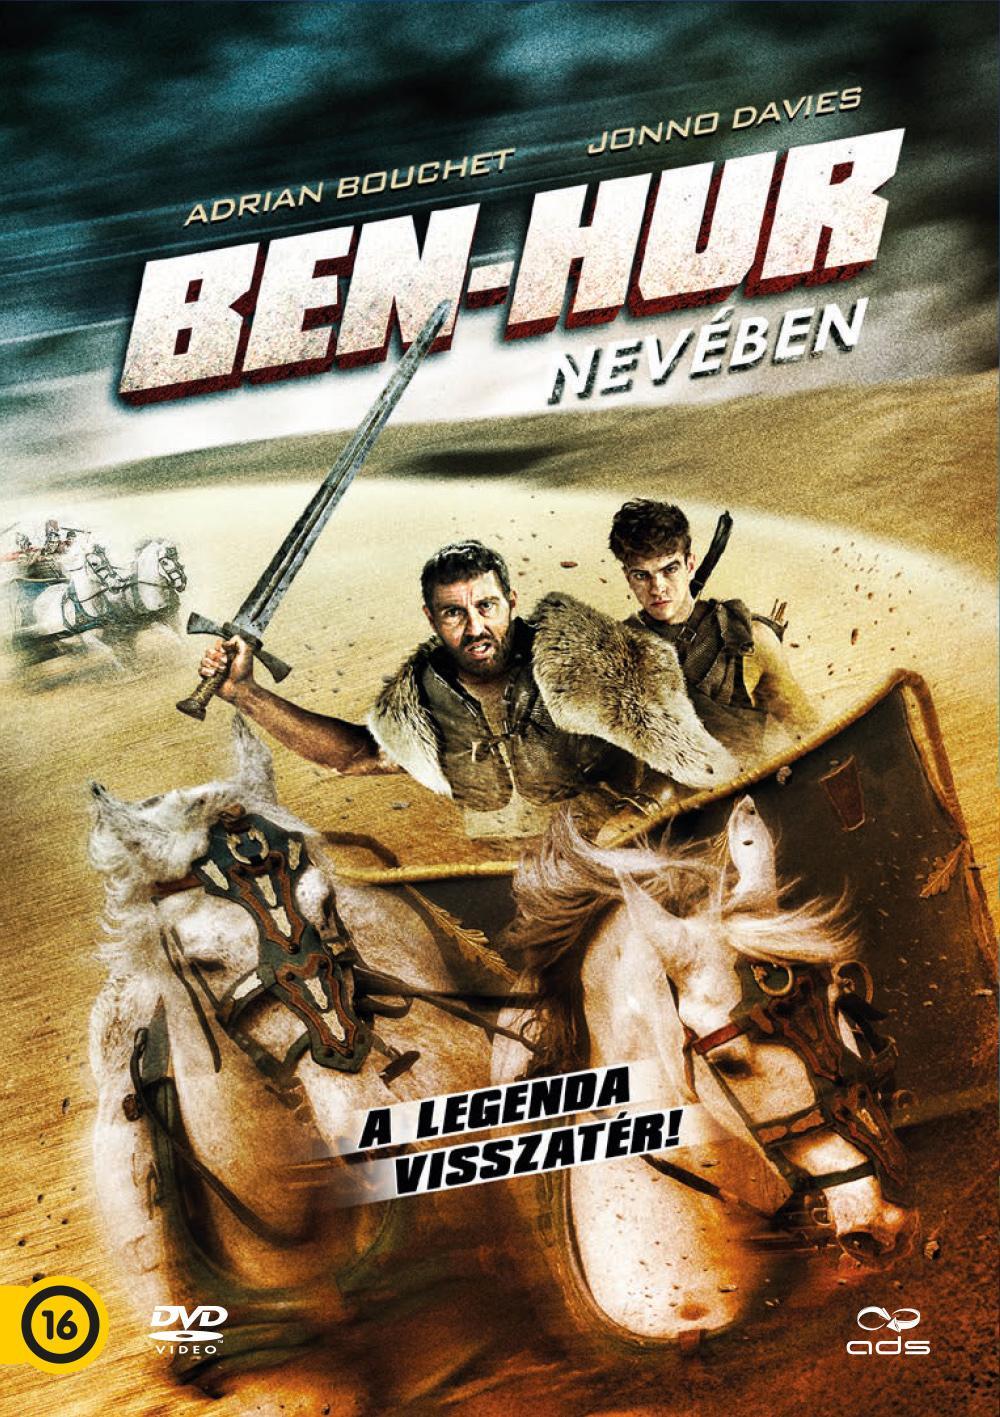 - BEN-HUR NEVÉBEN - DVD -